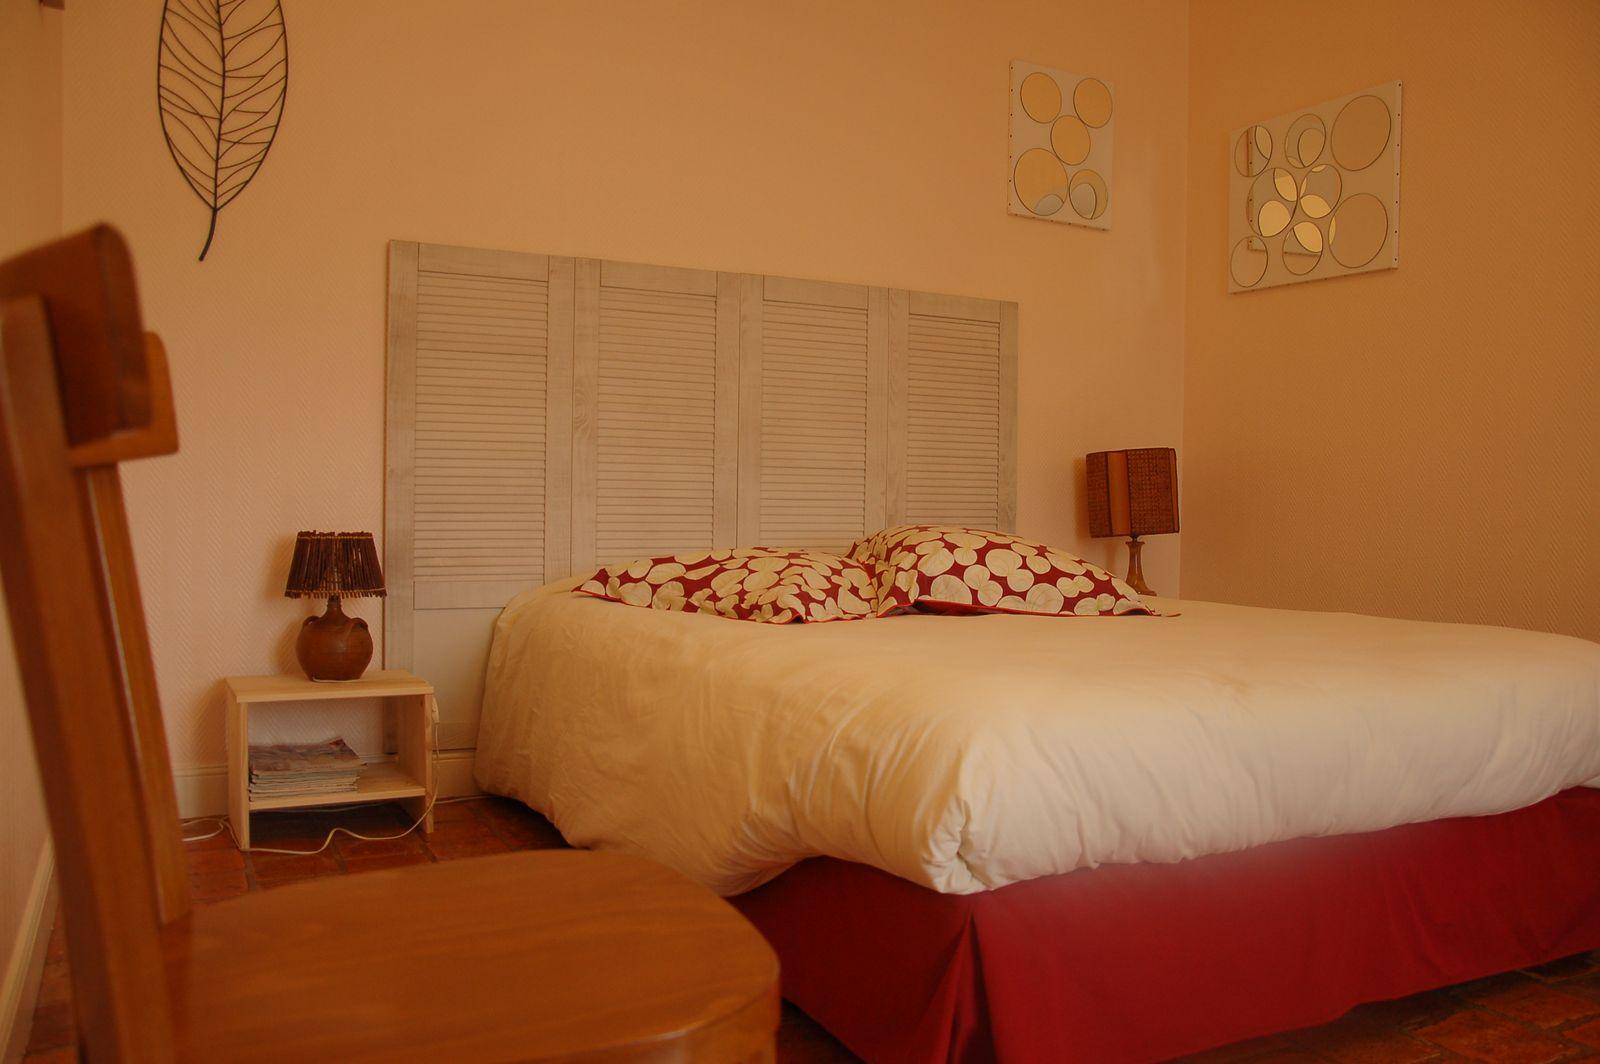 Chambre avec lit double en façade, rez-de-chaussée. 51G465 - Le Cabanon Champenois - Ambonnay - Gîtes de France Marne